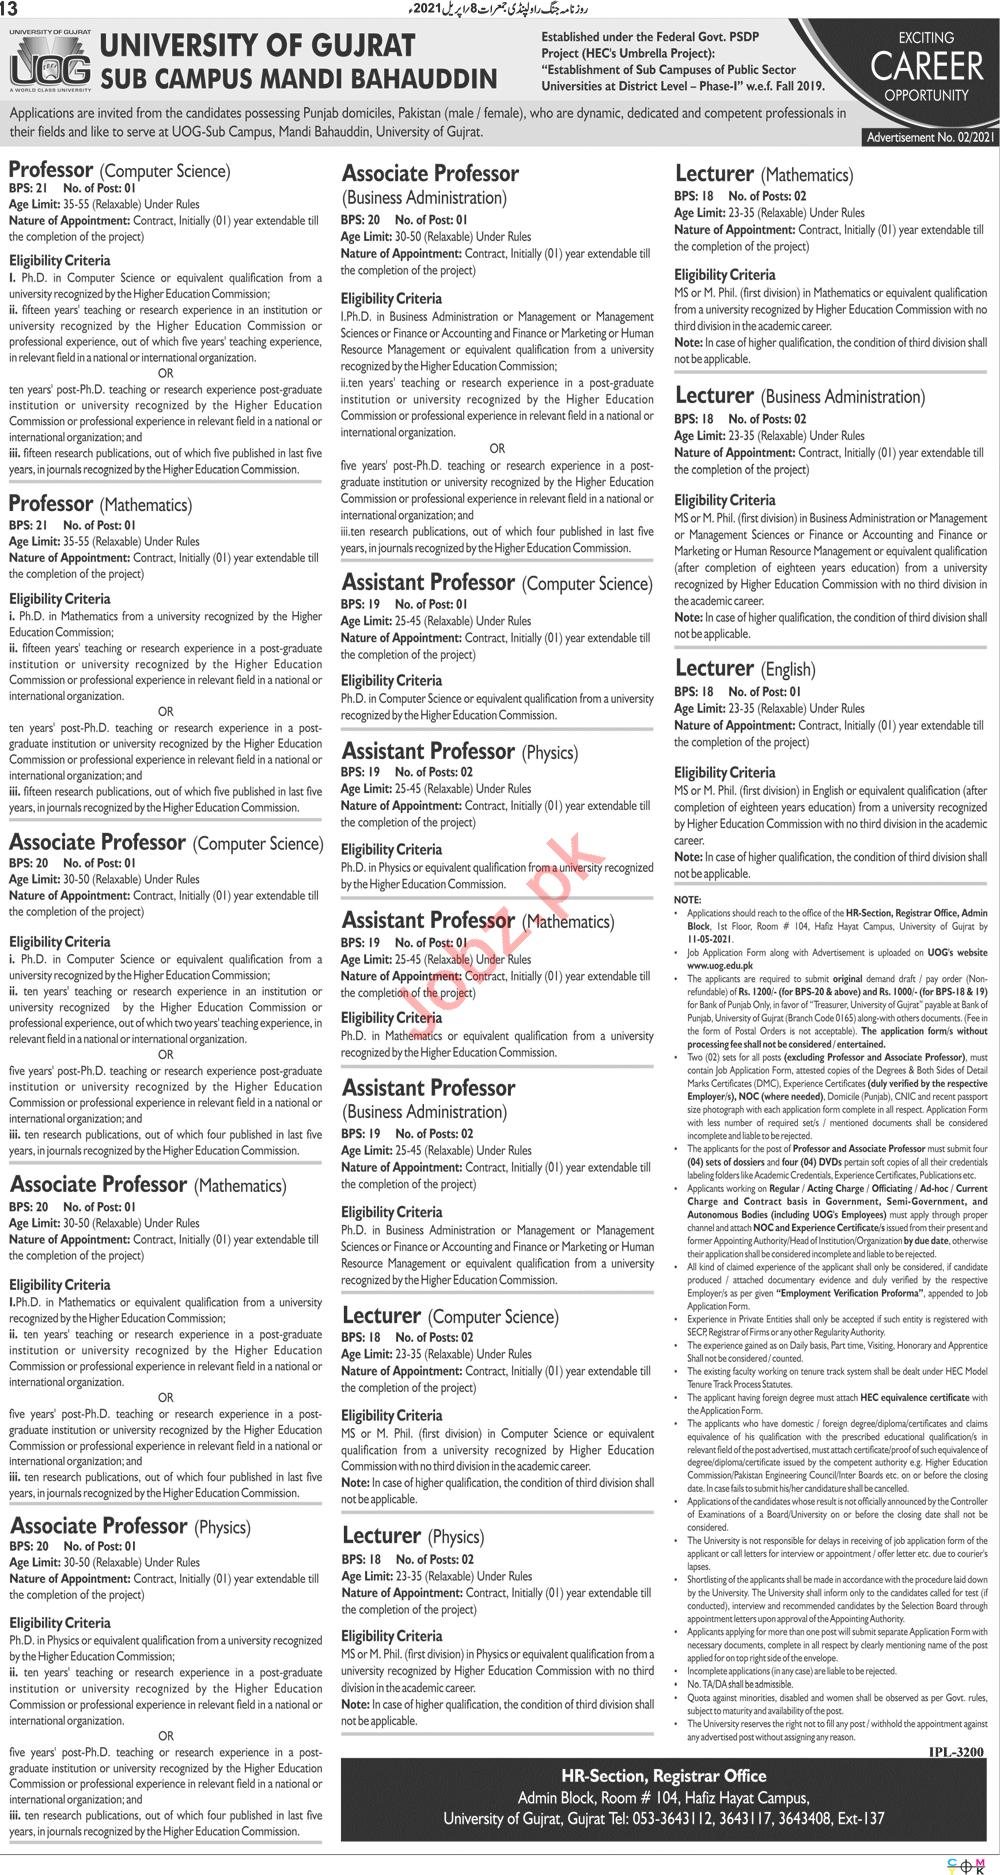 University of Gujrat UOG Jobs 2021 for Professor & Lecturer